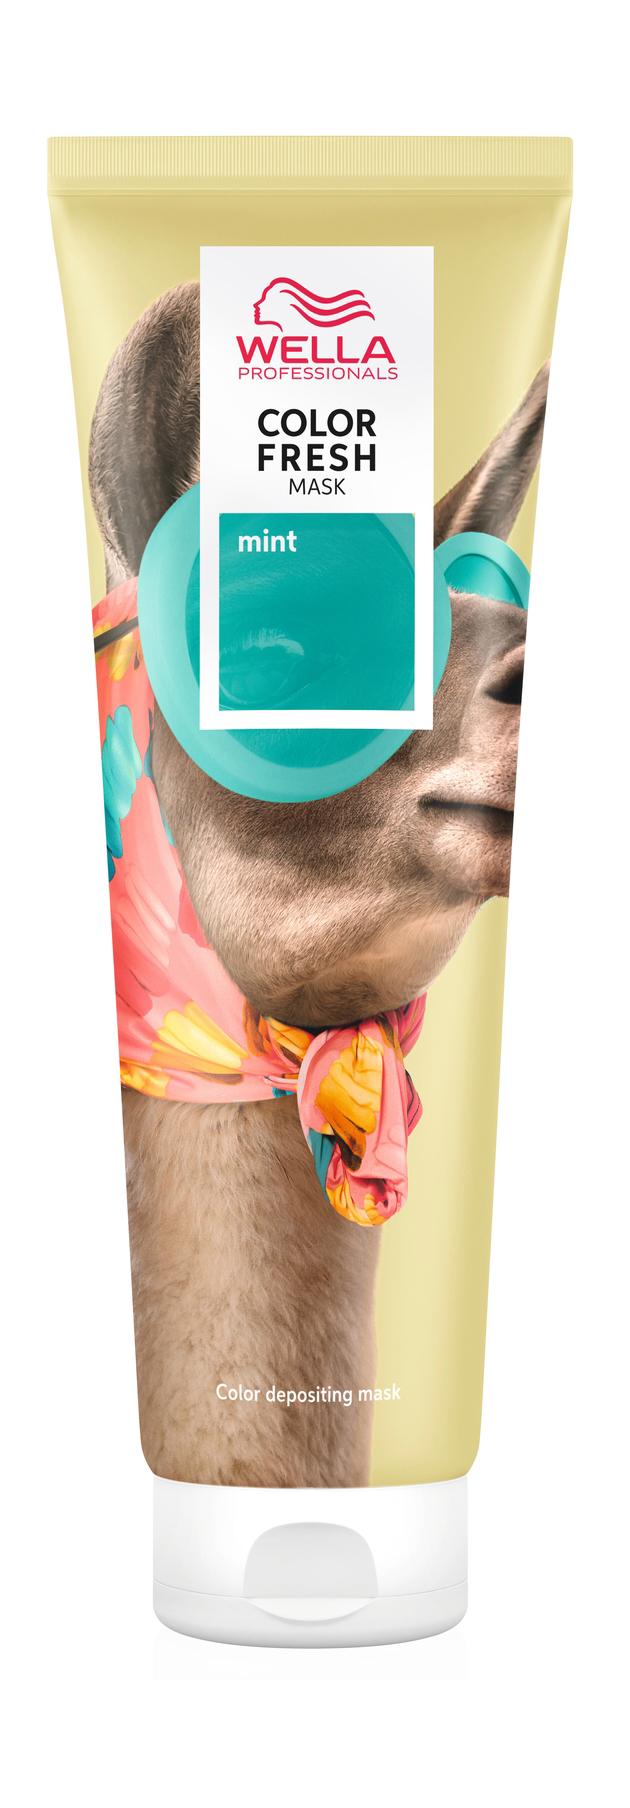 Купить Color Fresh Mask Wella Professionals 99350066254